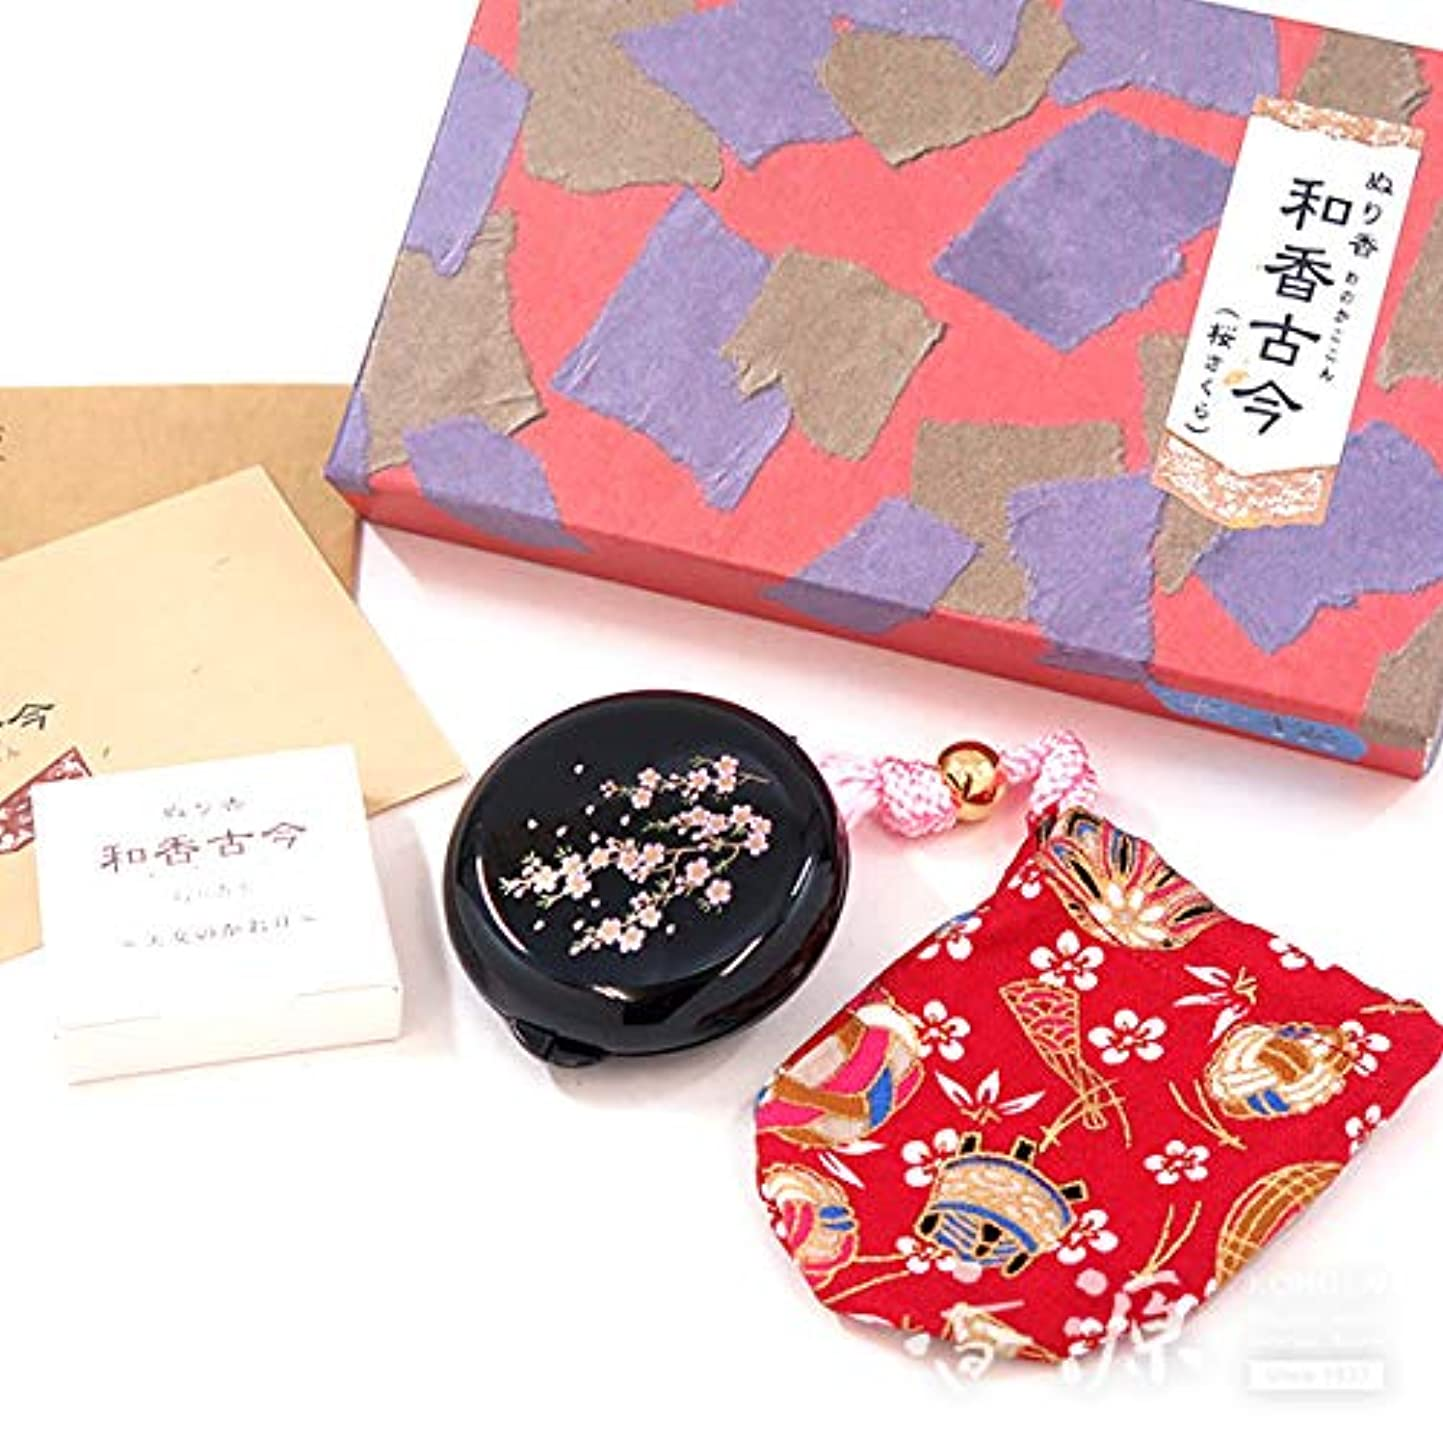 比類なき純度同じ長川仁三郎商店のお香 和香古今(わのかここん)天女の香り 桜(黒のコンパクト)?赤の巾着のセット